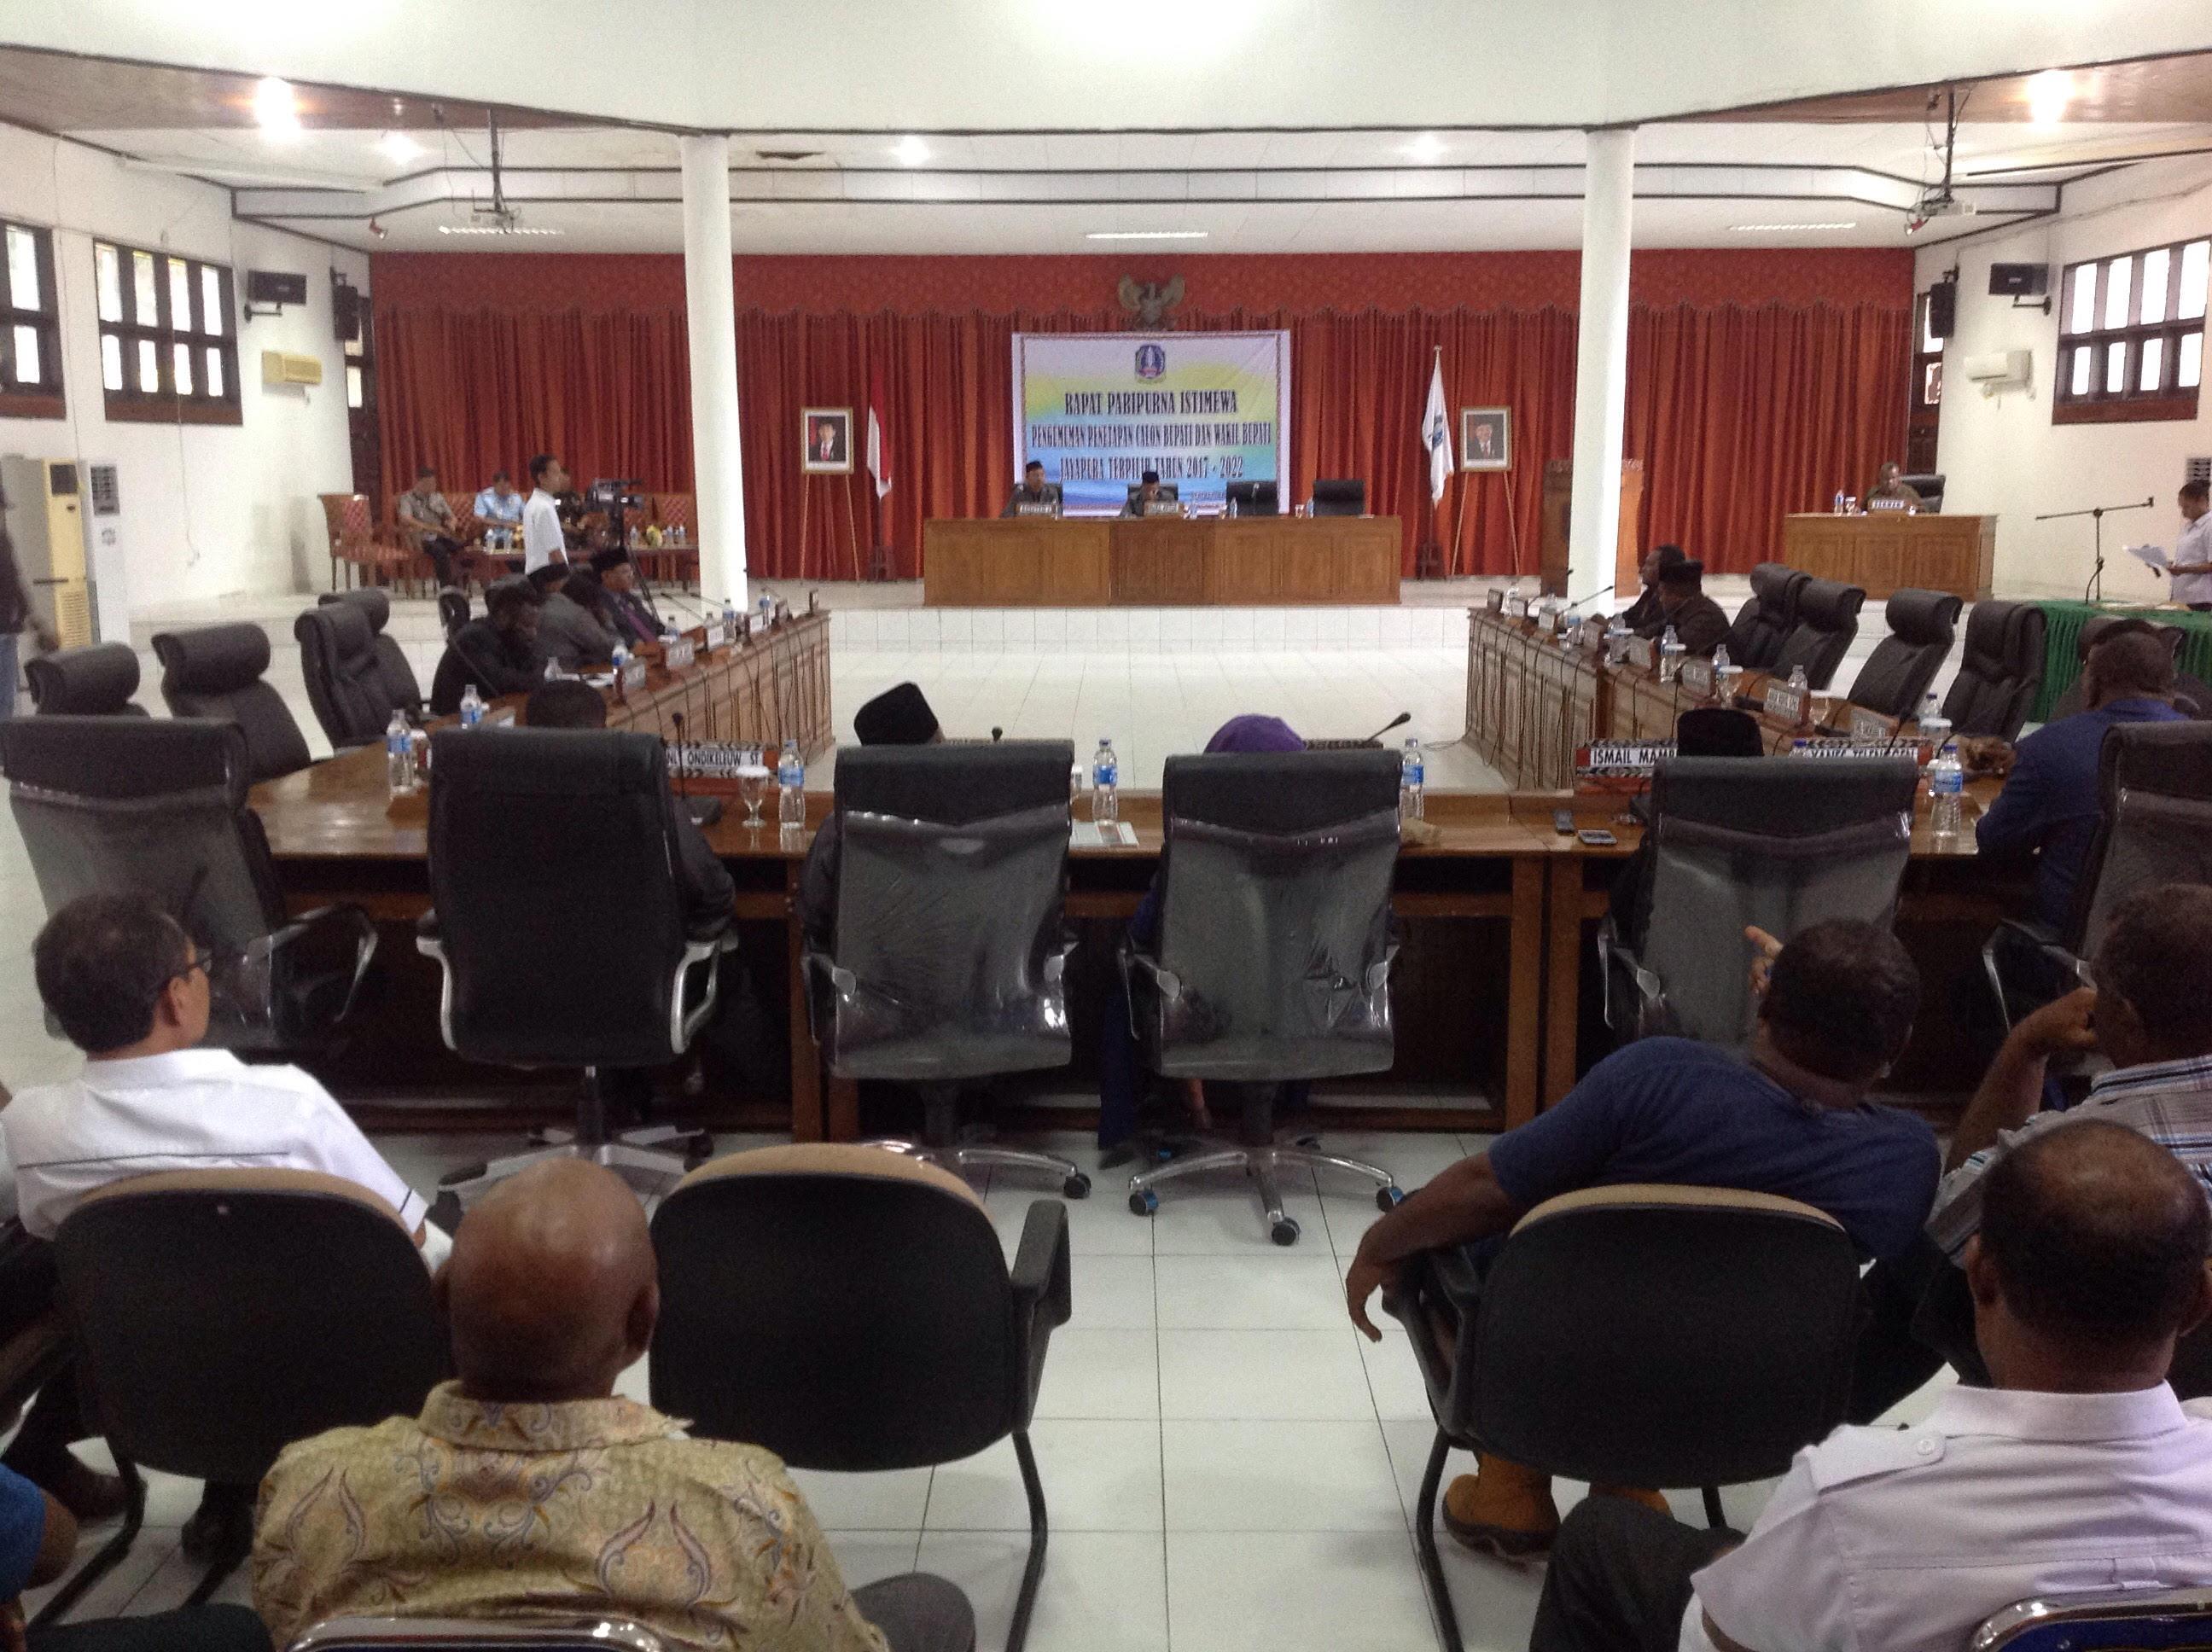 Dprd Gelar Sidang Paripurna Istimewa Penetapan Calon Bupati Jayapura Rabu